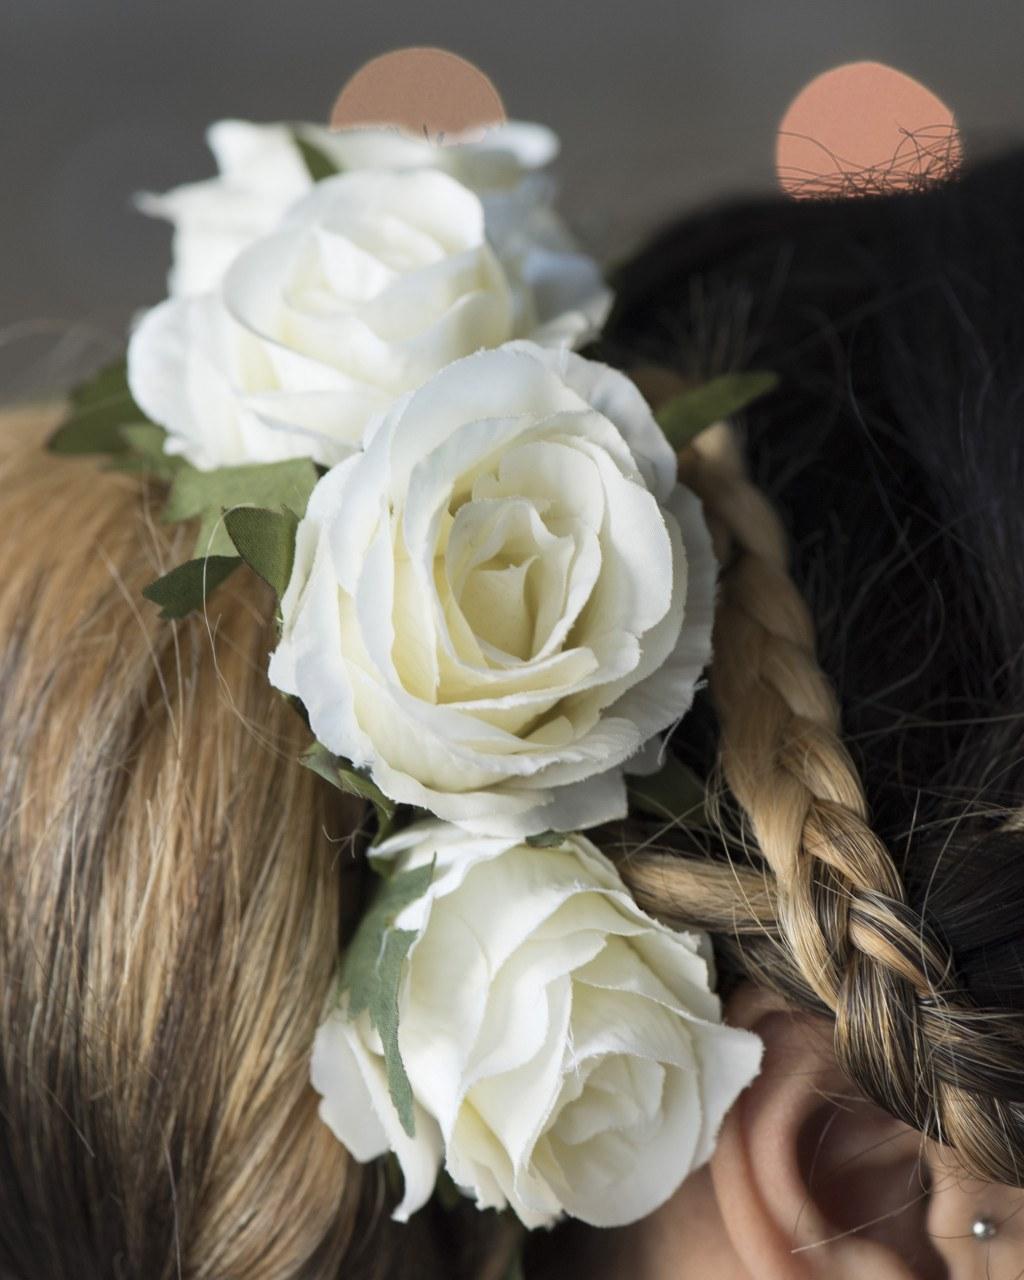 Afmena Events-Bridal Shoot-28th Dec-BellaNaija-2016 (16)